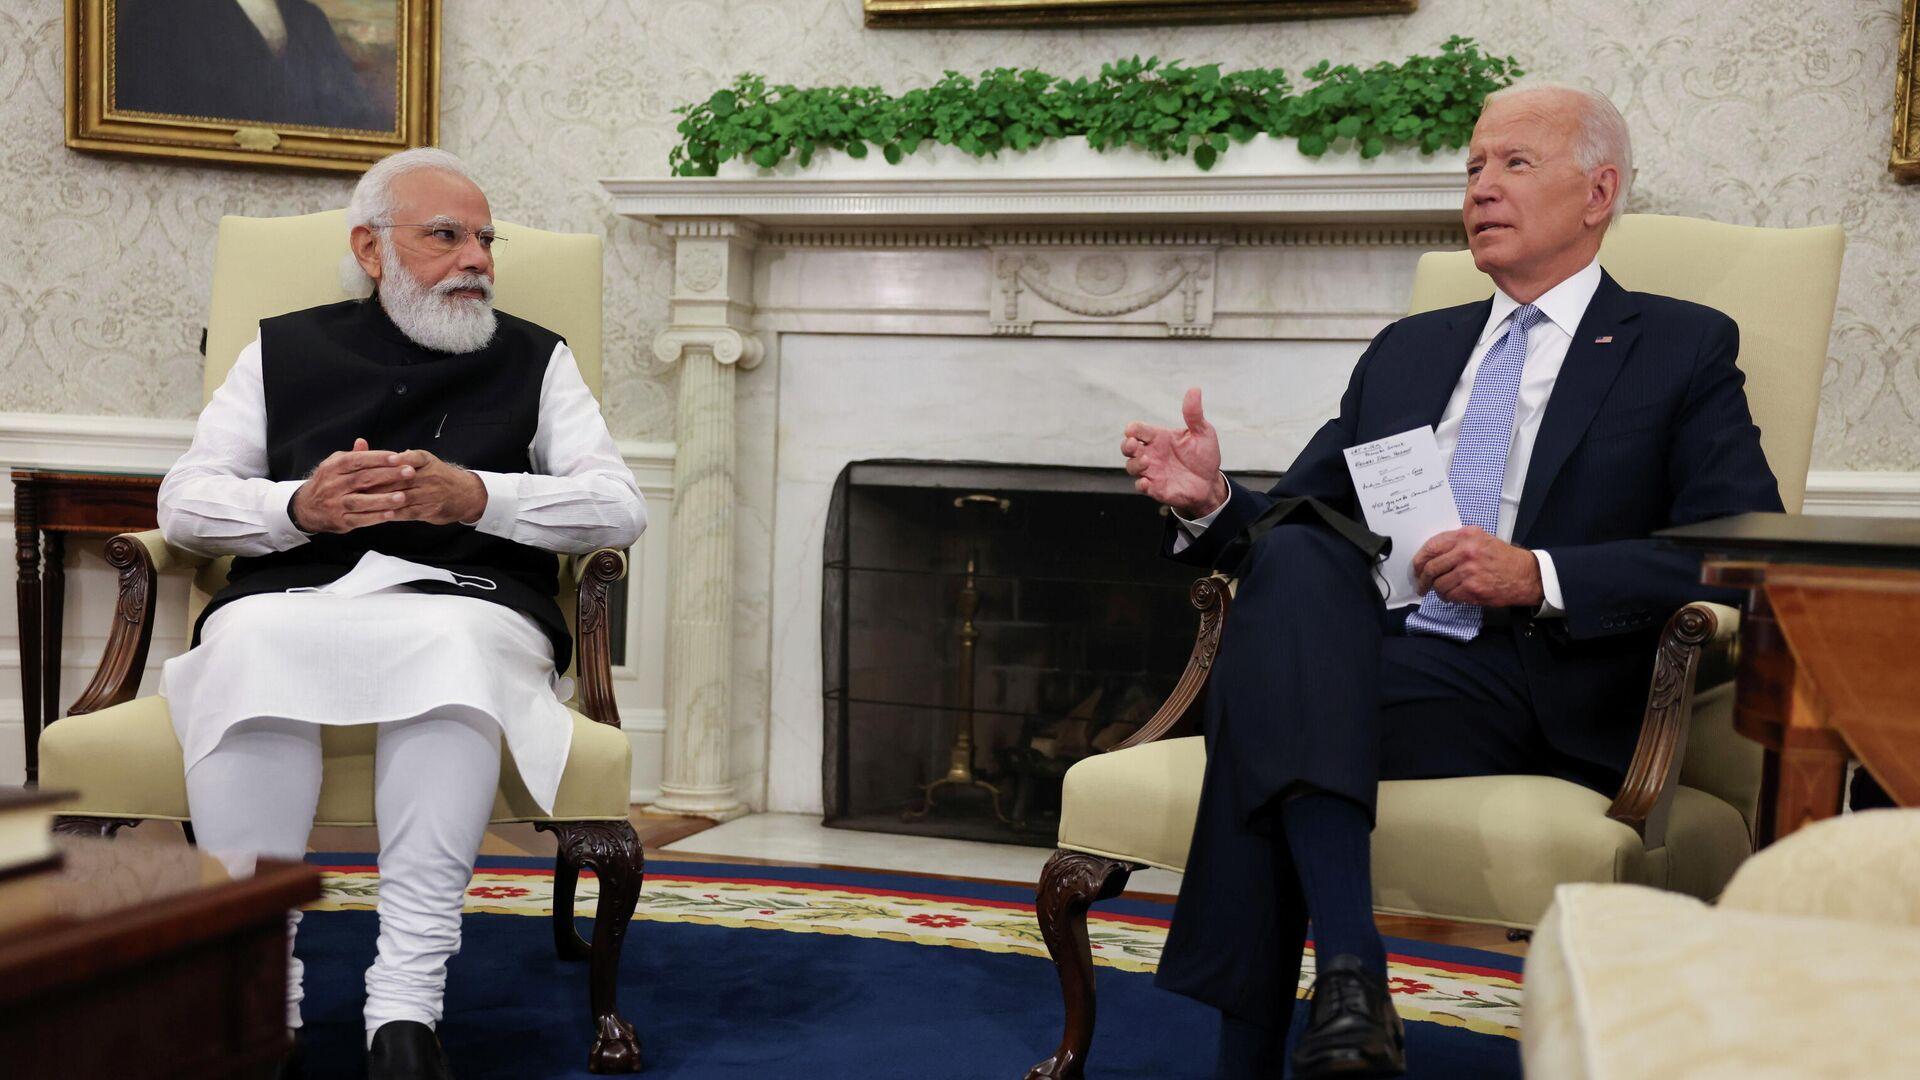 Primer ministro indio, Narendra Modi, y el presidente de EEUU, Joe Biden - Sputnik Mundo, 1920, 25.09.2021